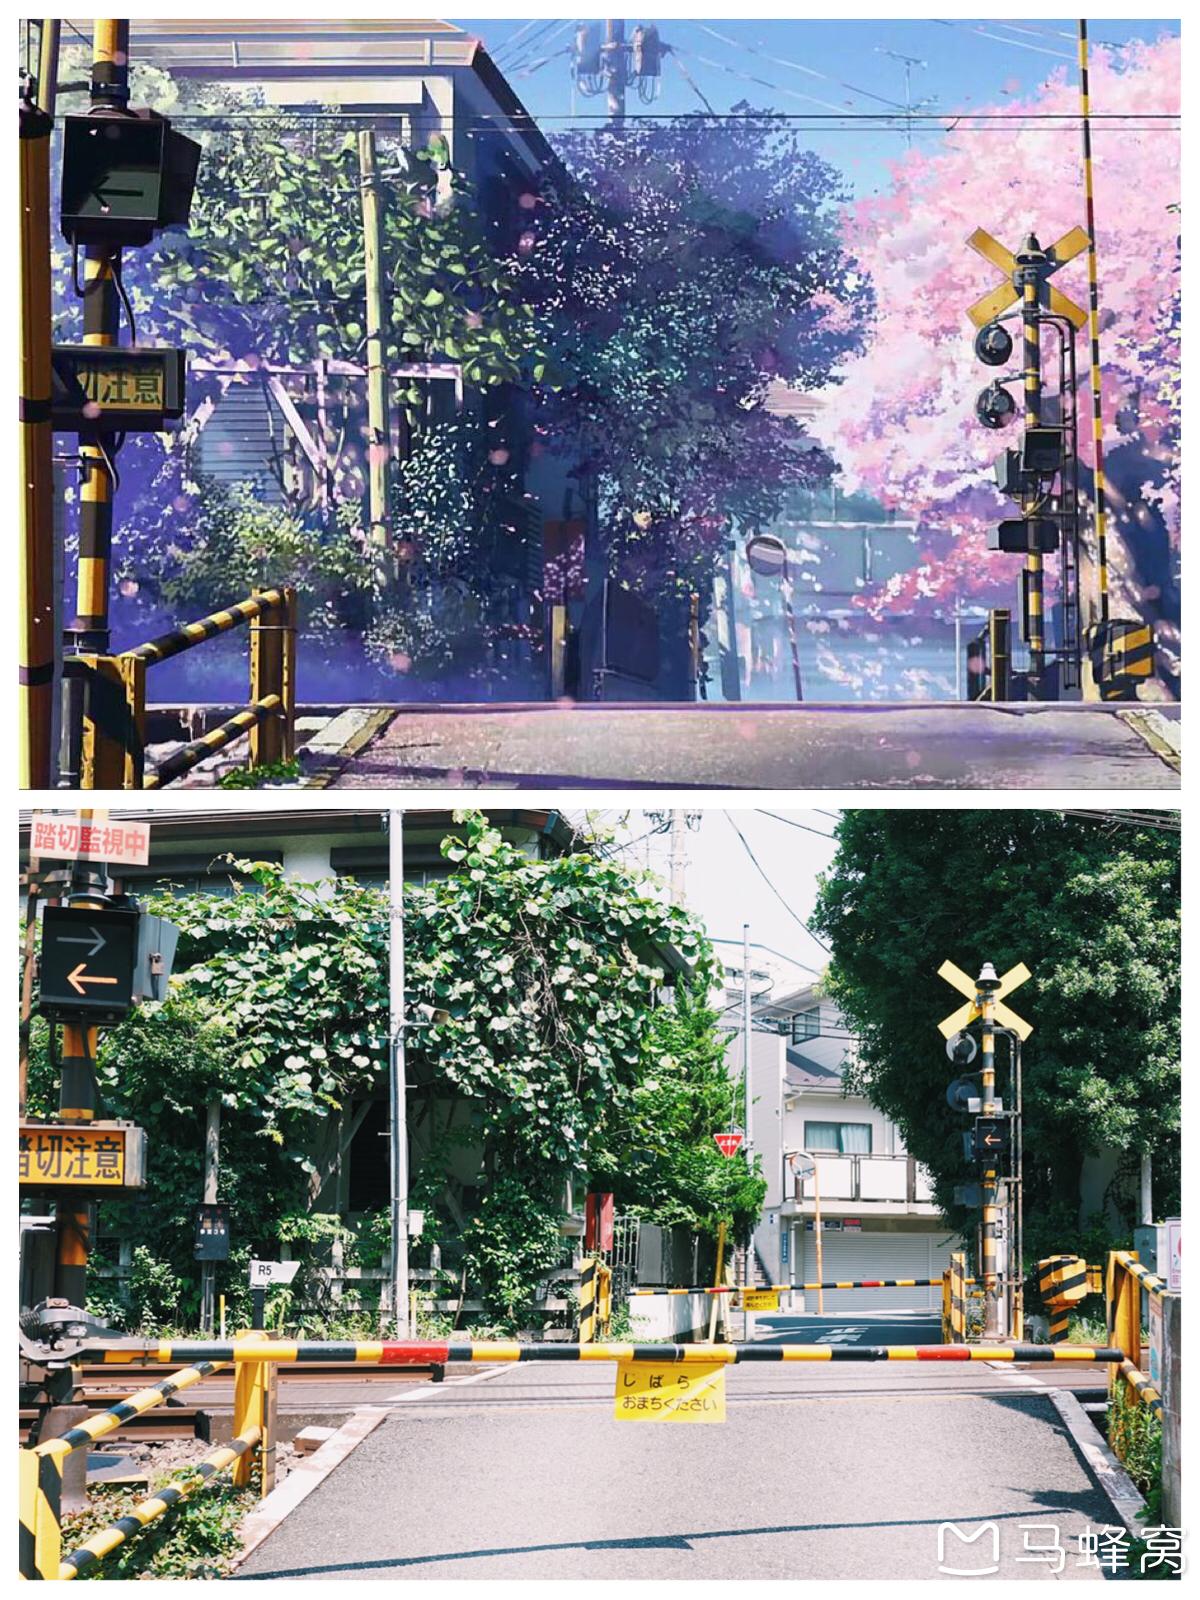 去东京寻访新海诚的足迹,《秒速五厘米》《言叶之庭》《你的名字》取景地打卡